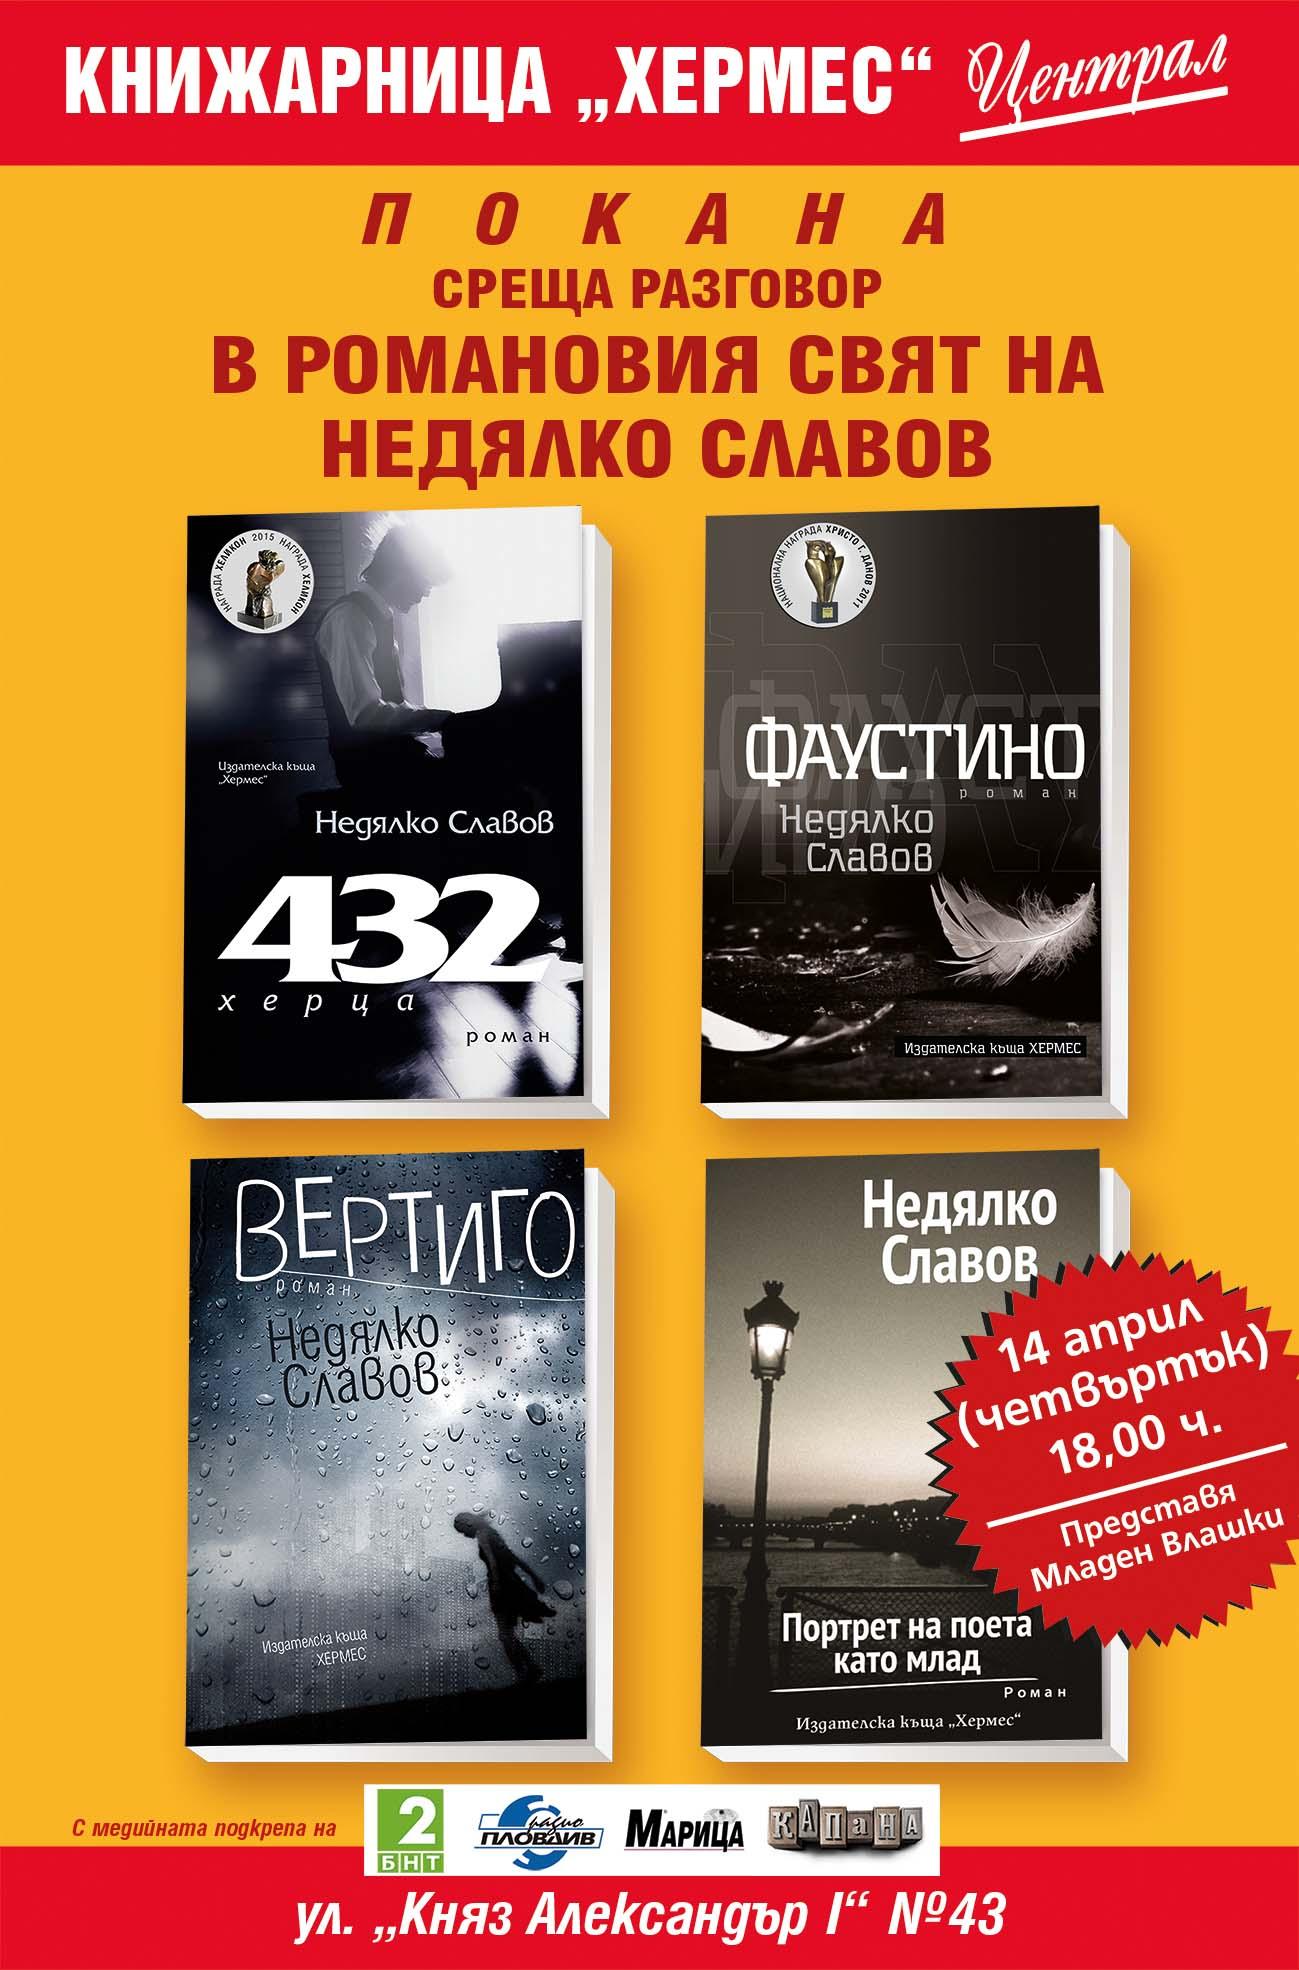 Среща разговор в романовия свят на Недялко Славов